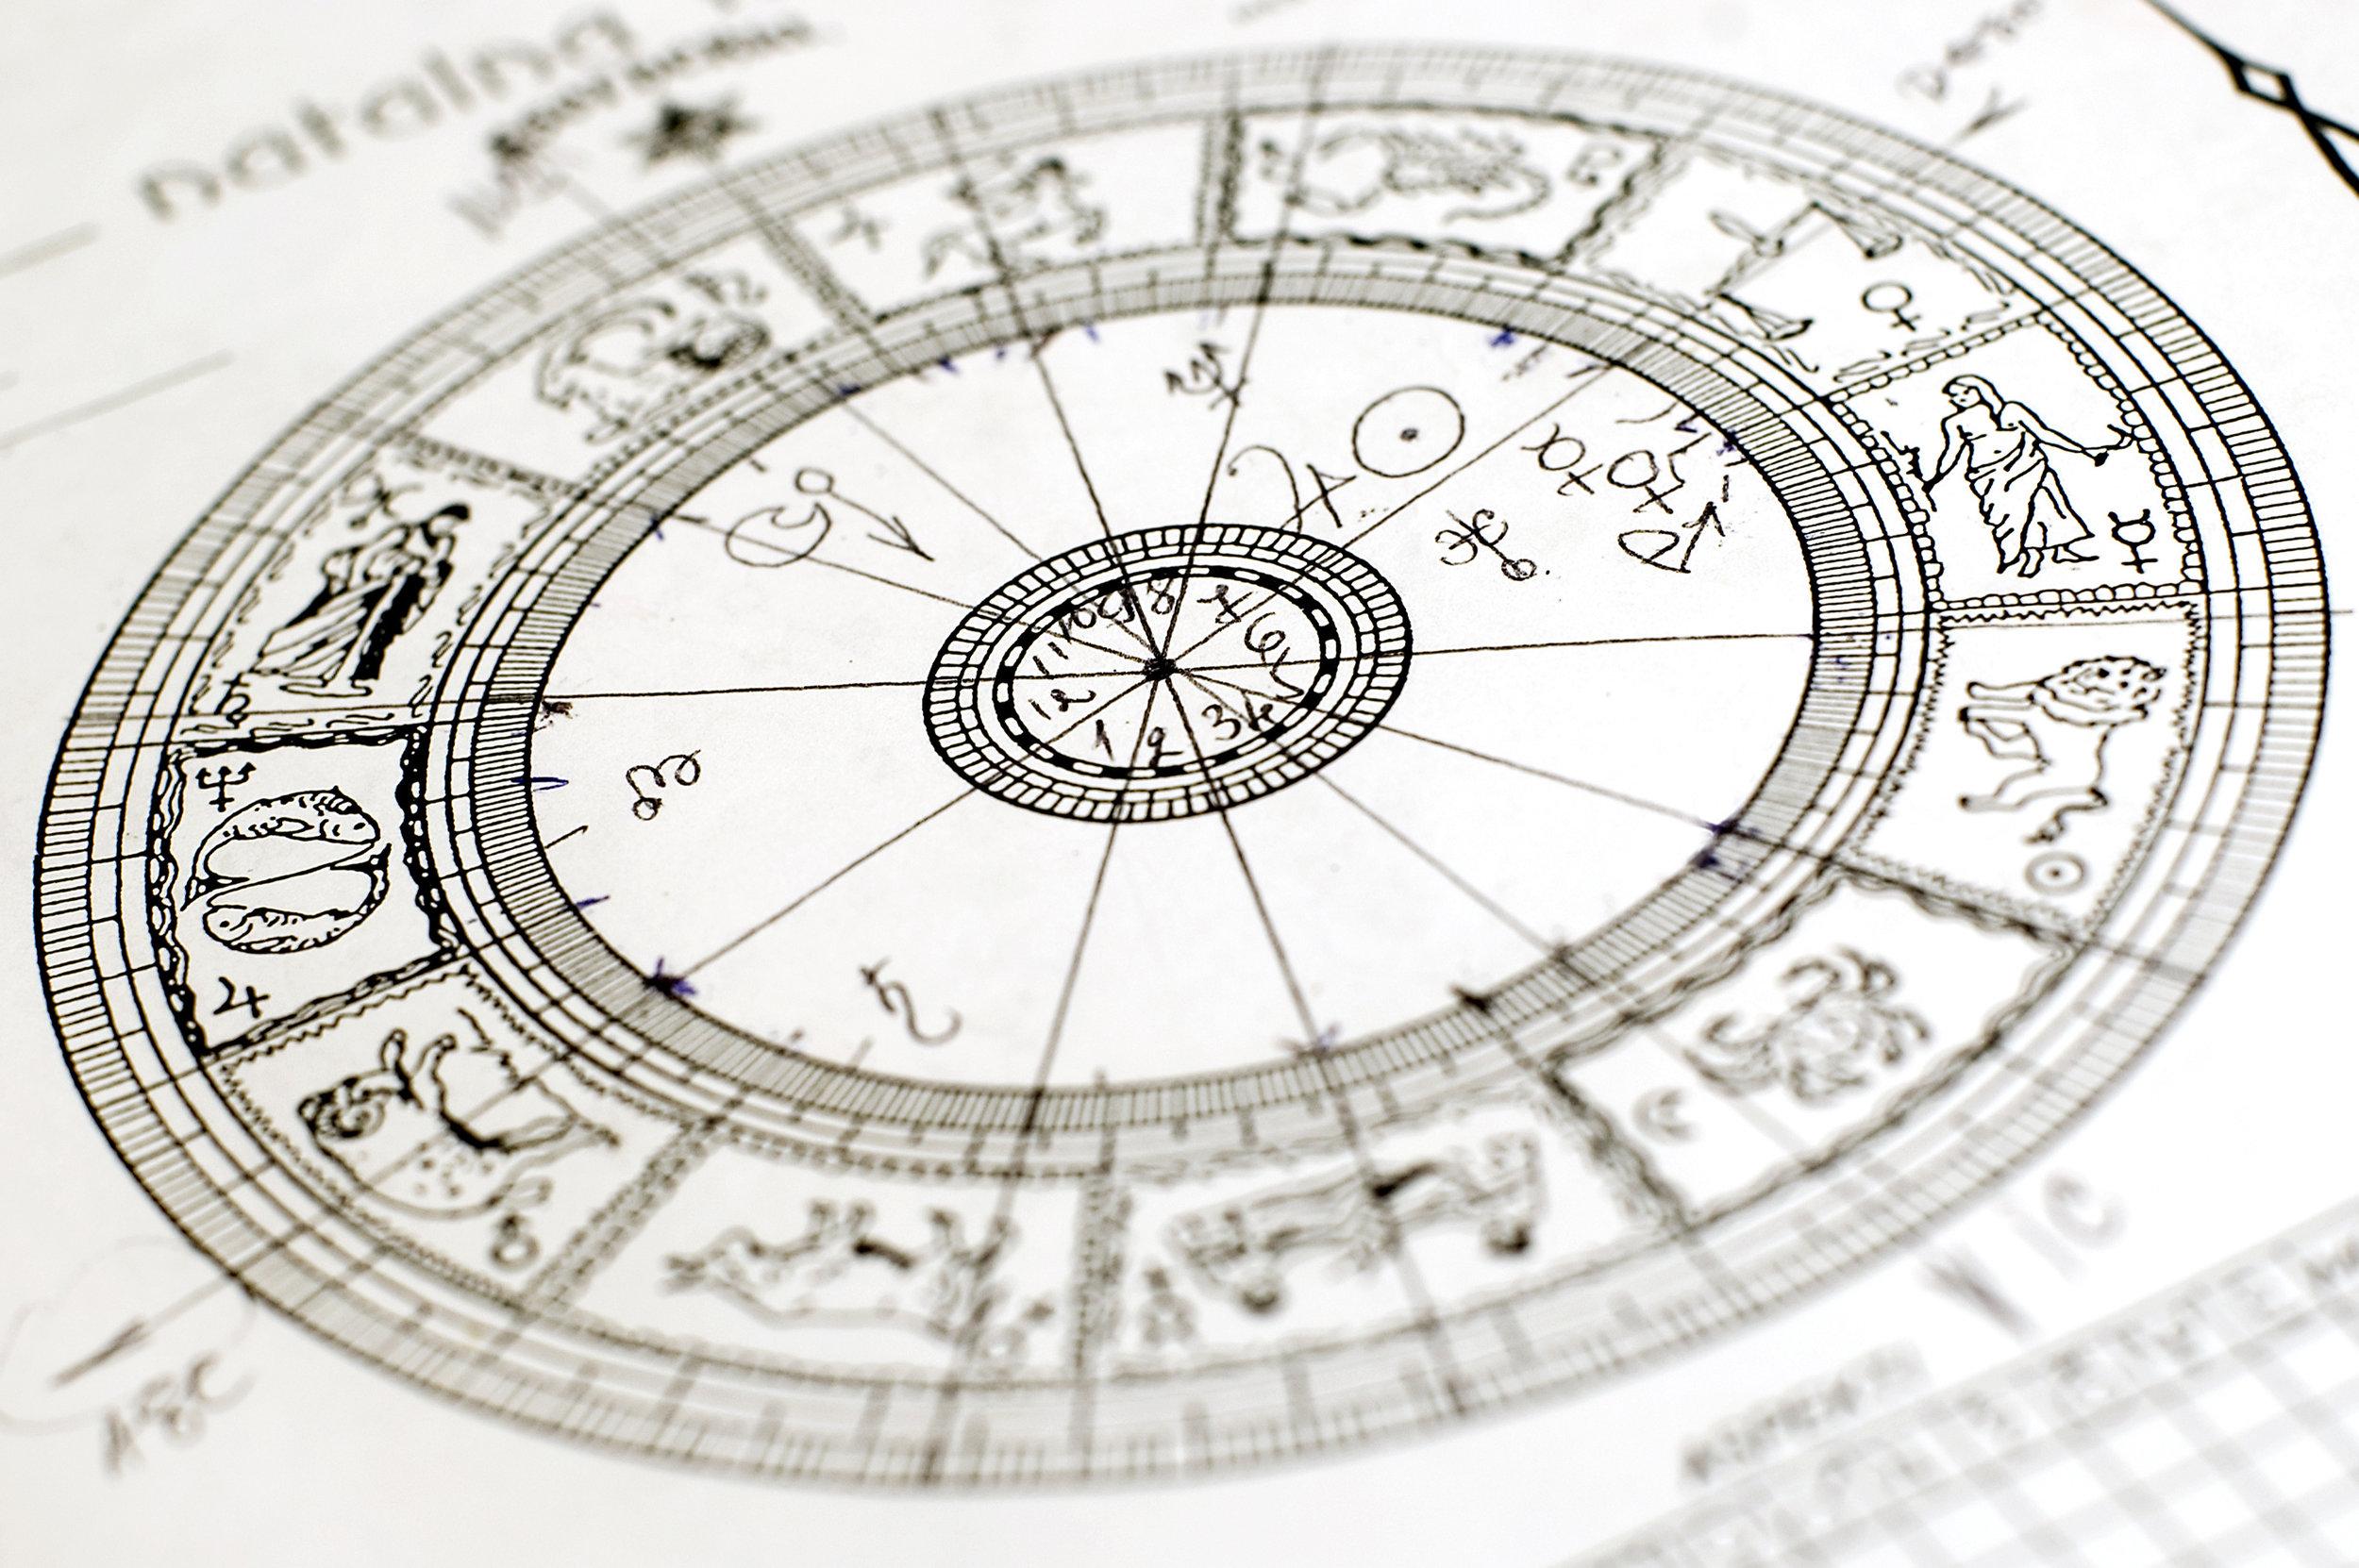 Et la Lecture de ta Carte Astrale GRATUITE ! - Pour les 20 premières inscrites la lecture de la carte astrale est gratuite. Un excellent outil pour se reconnecter à ses valeurs, ses besoins et comprendre qui on est réellement !©Vlad - stock.adobe.com